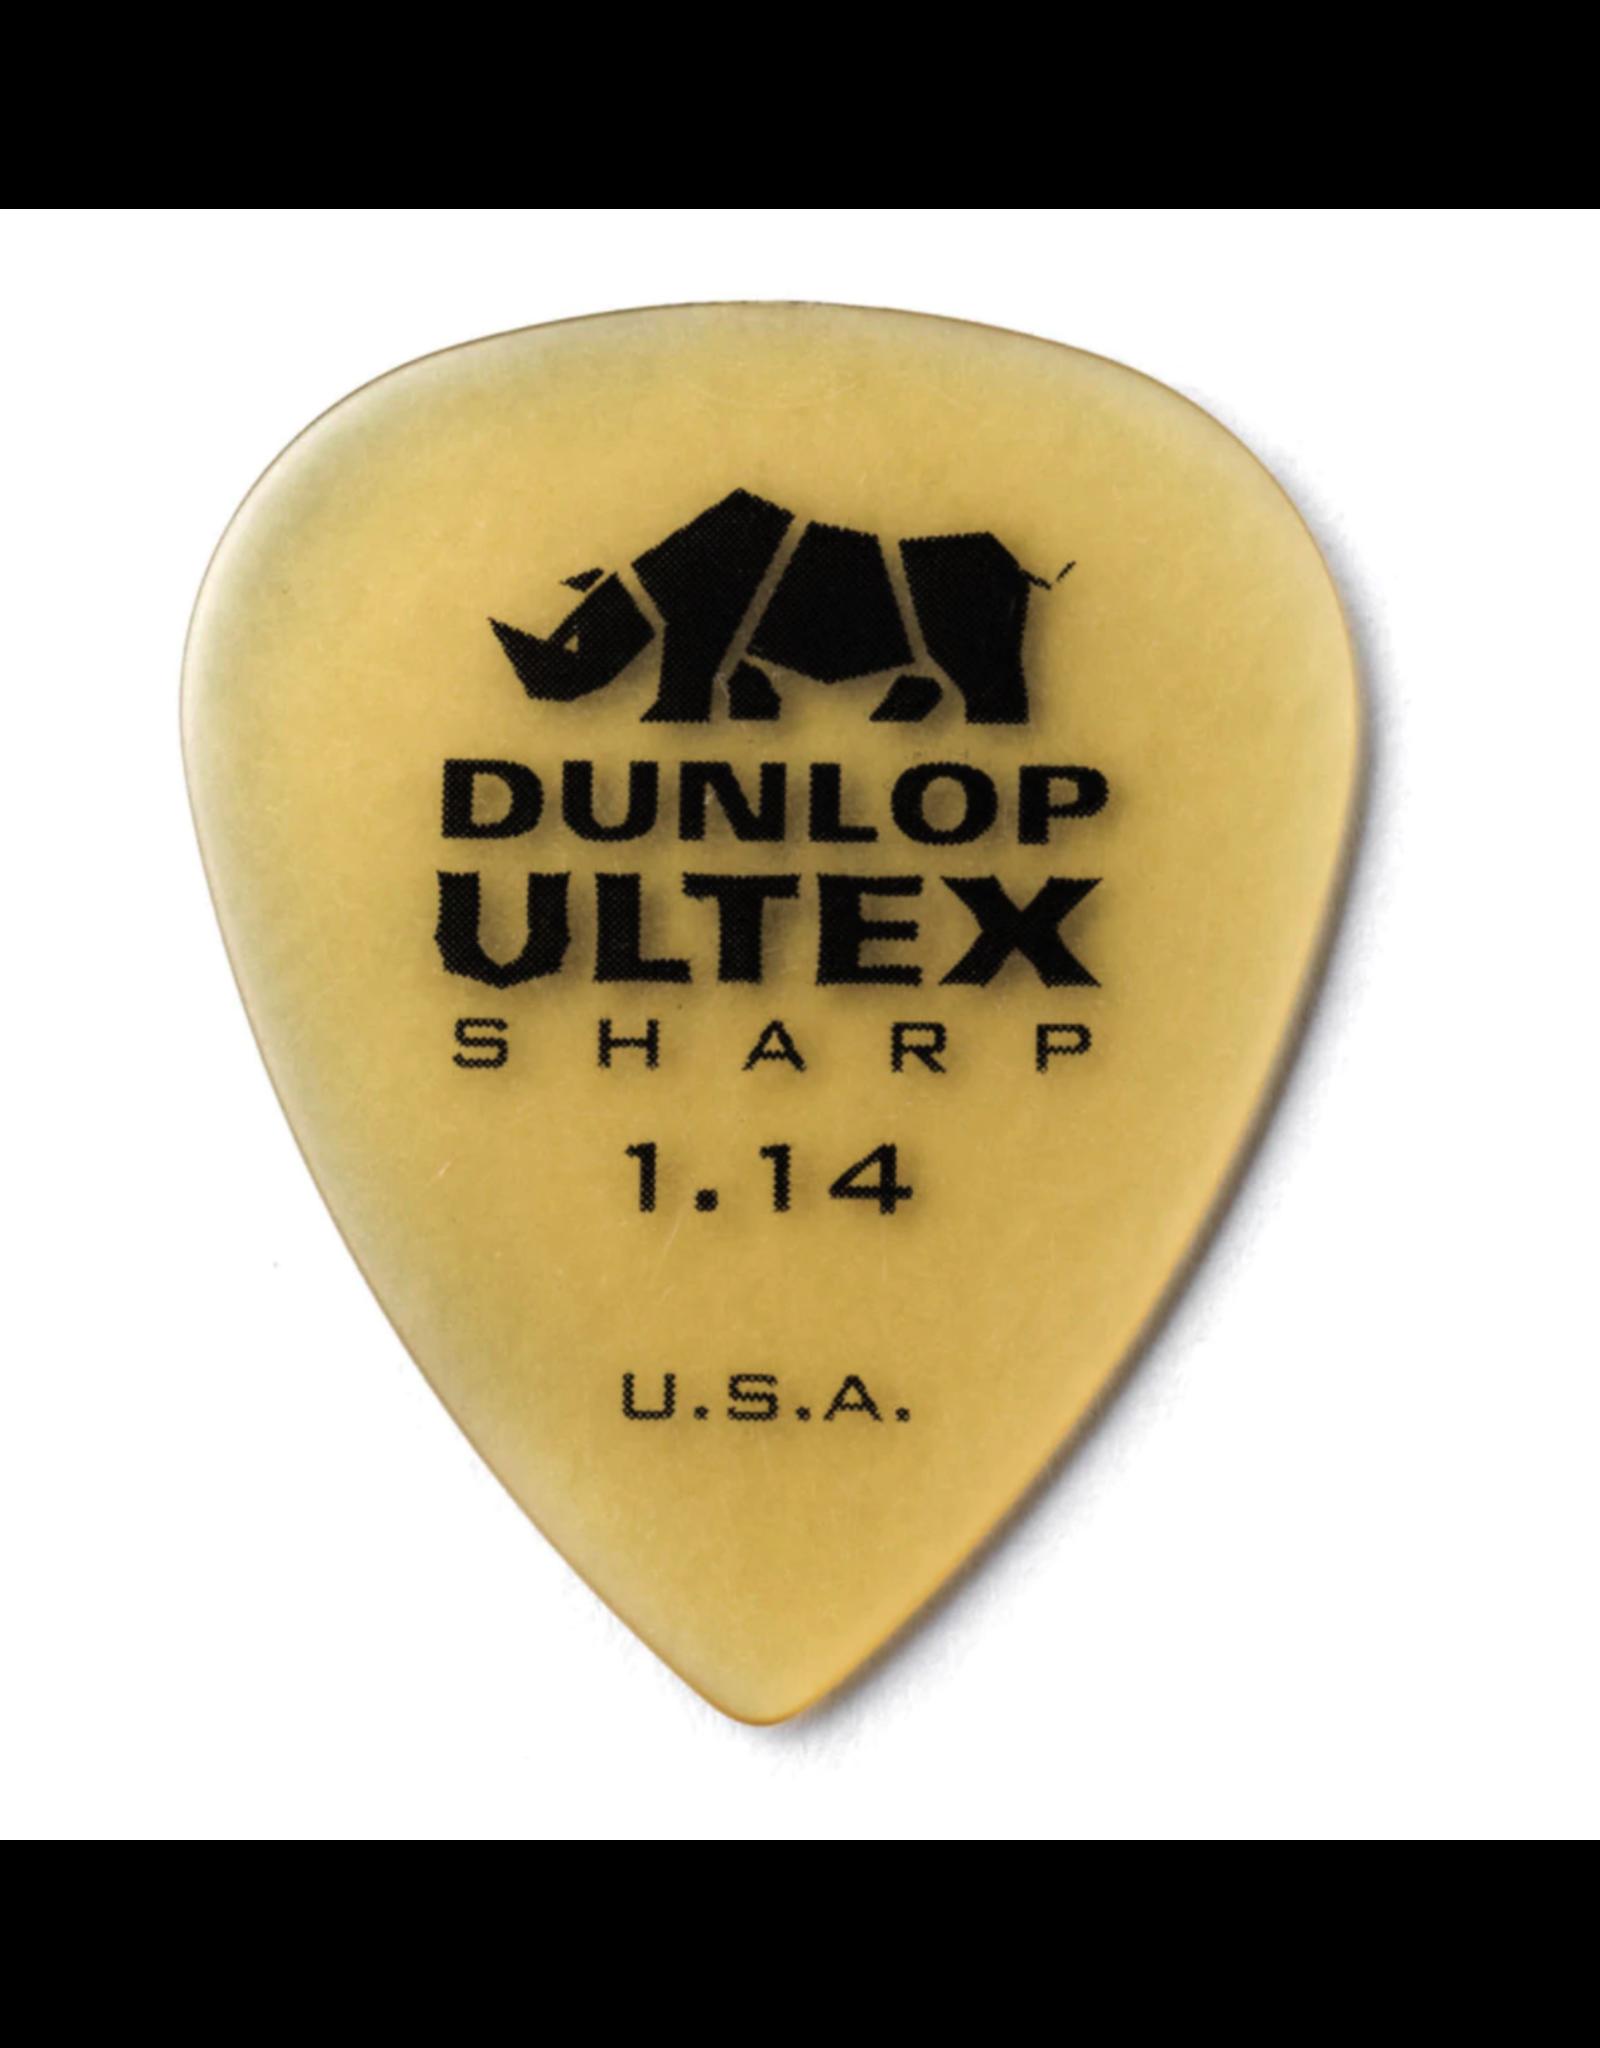 Dunlop Dunlop Ultex Sharp Pick 1.14